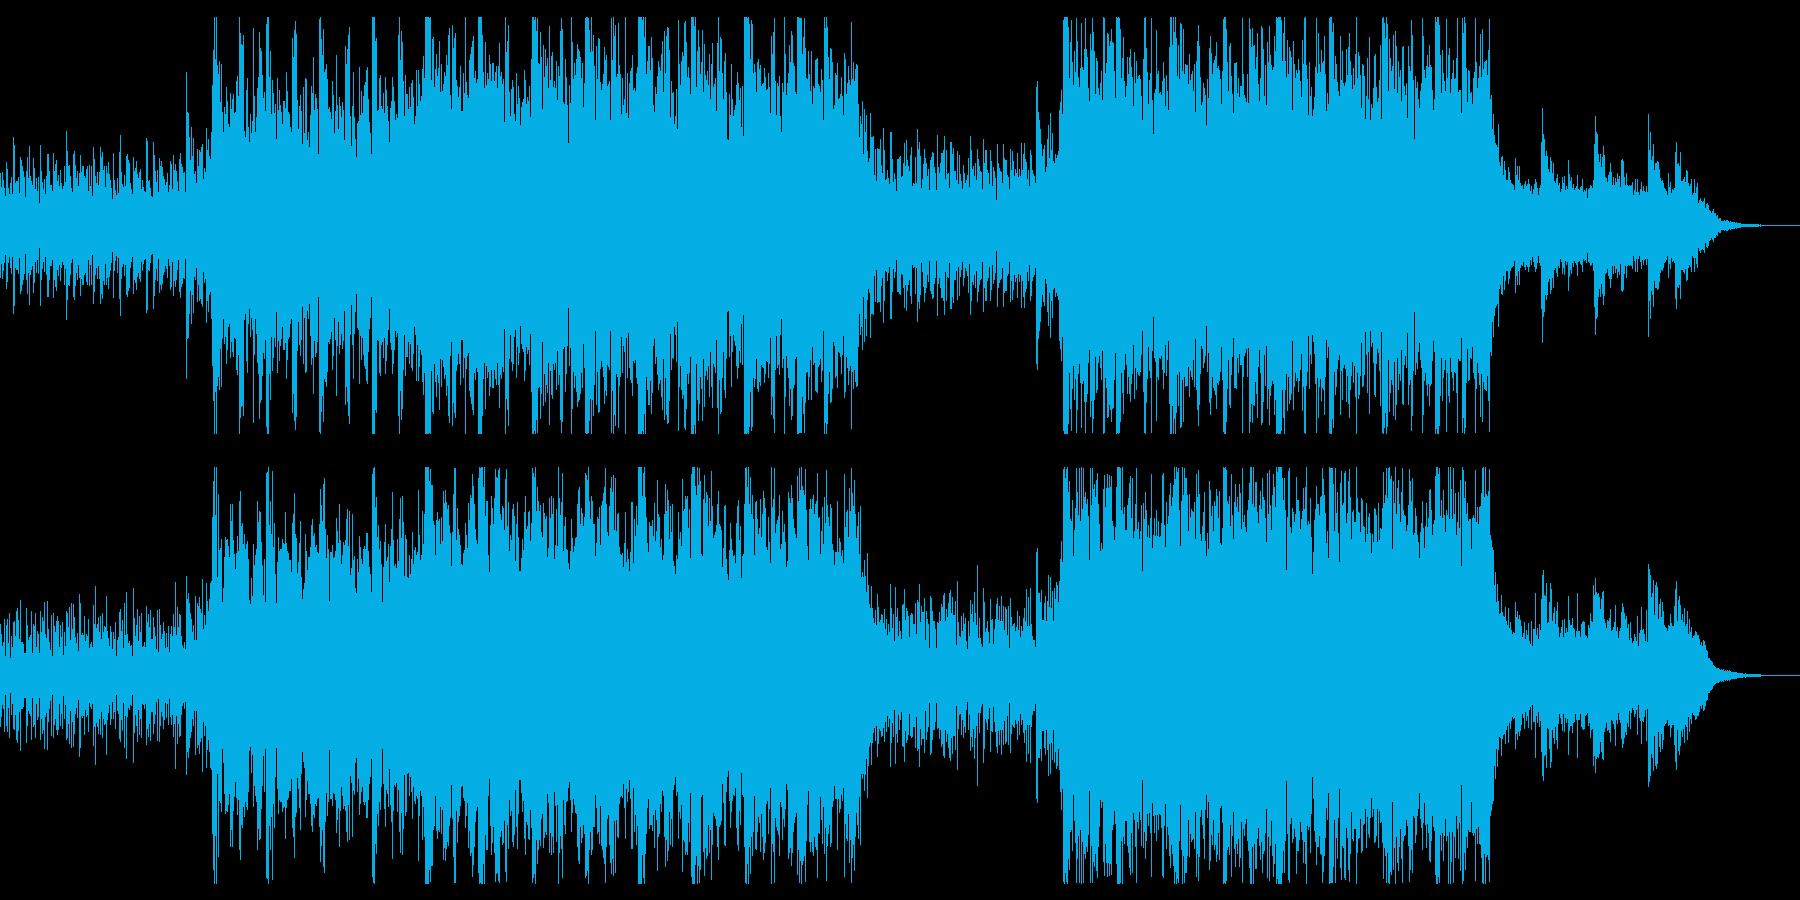 雨に佇む精霊・ファンタジー系ケルト音楽の再生済みの波形